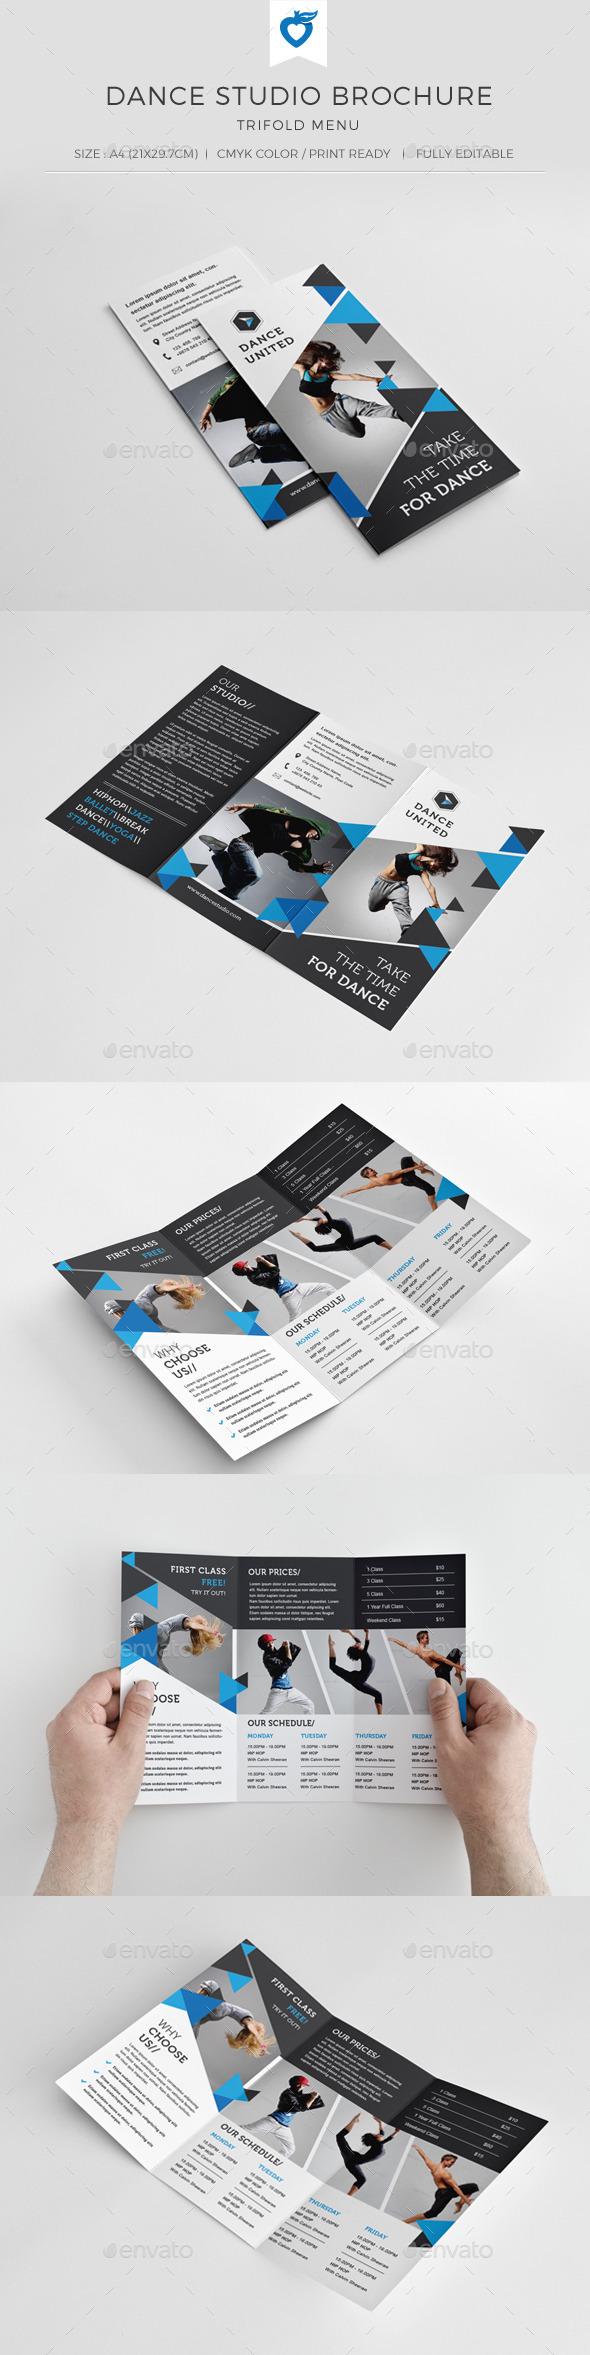 GraphicRiver Dance Studio Trifold Brochure 11046510